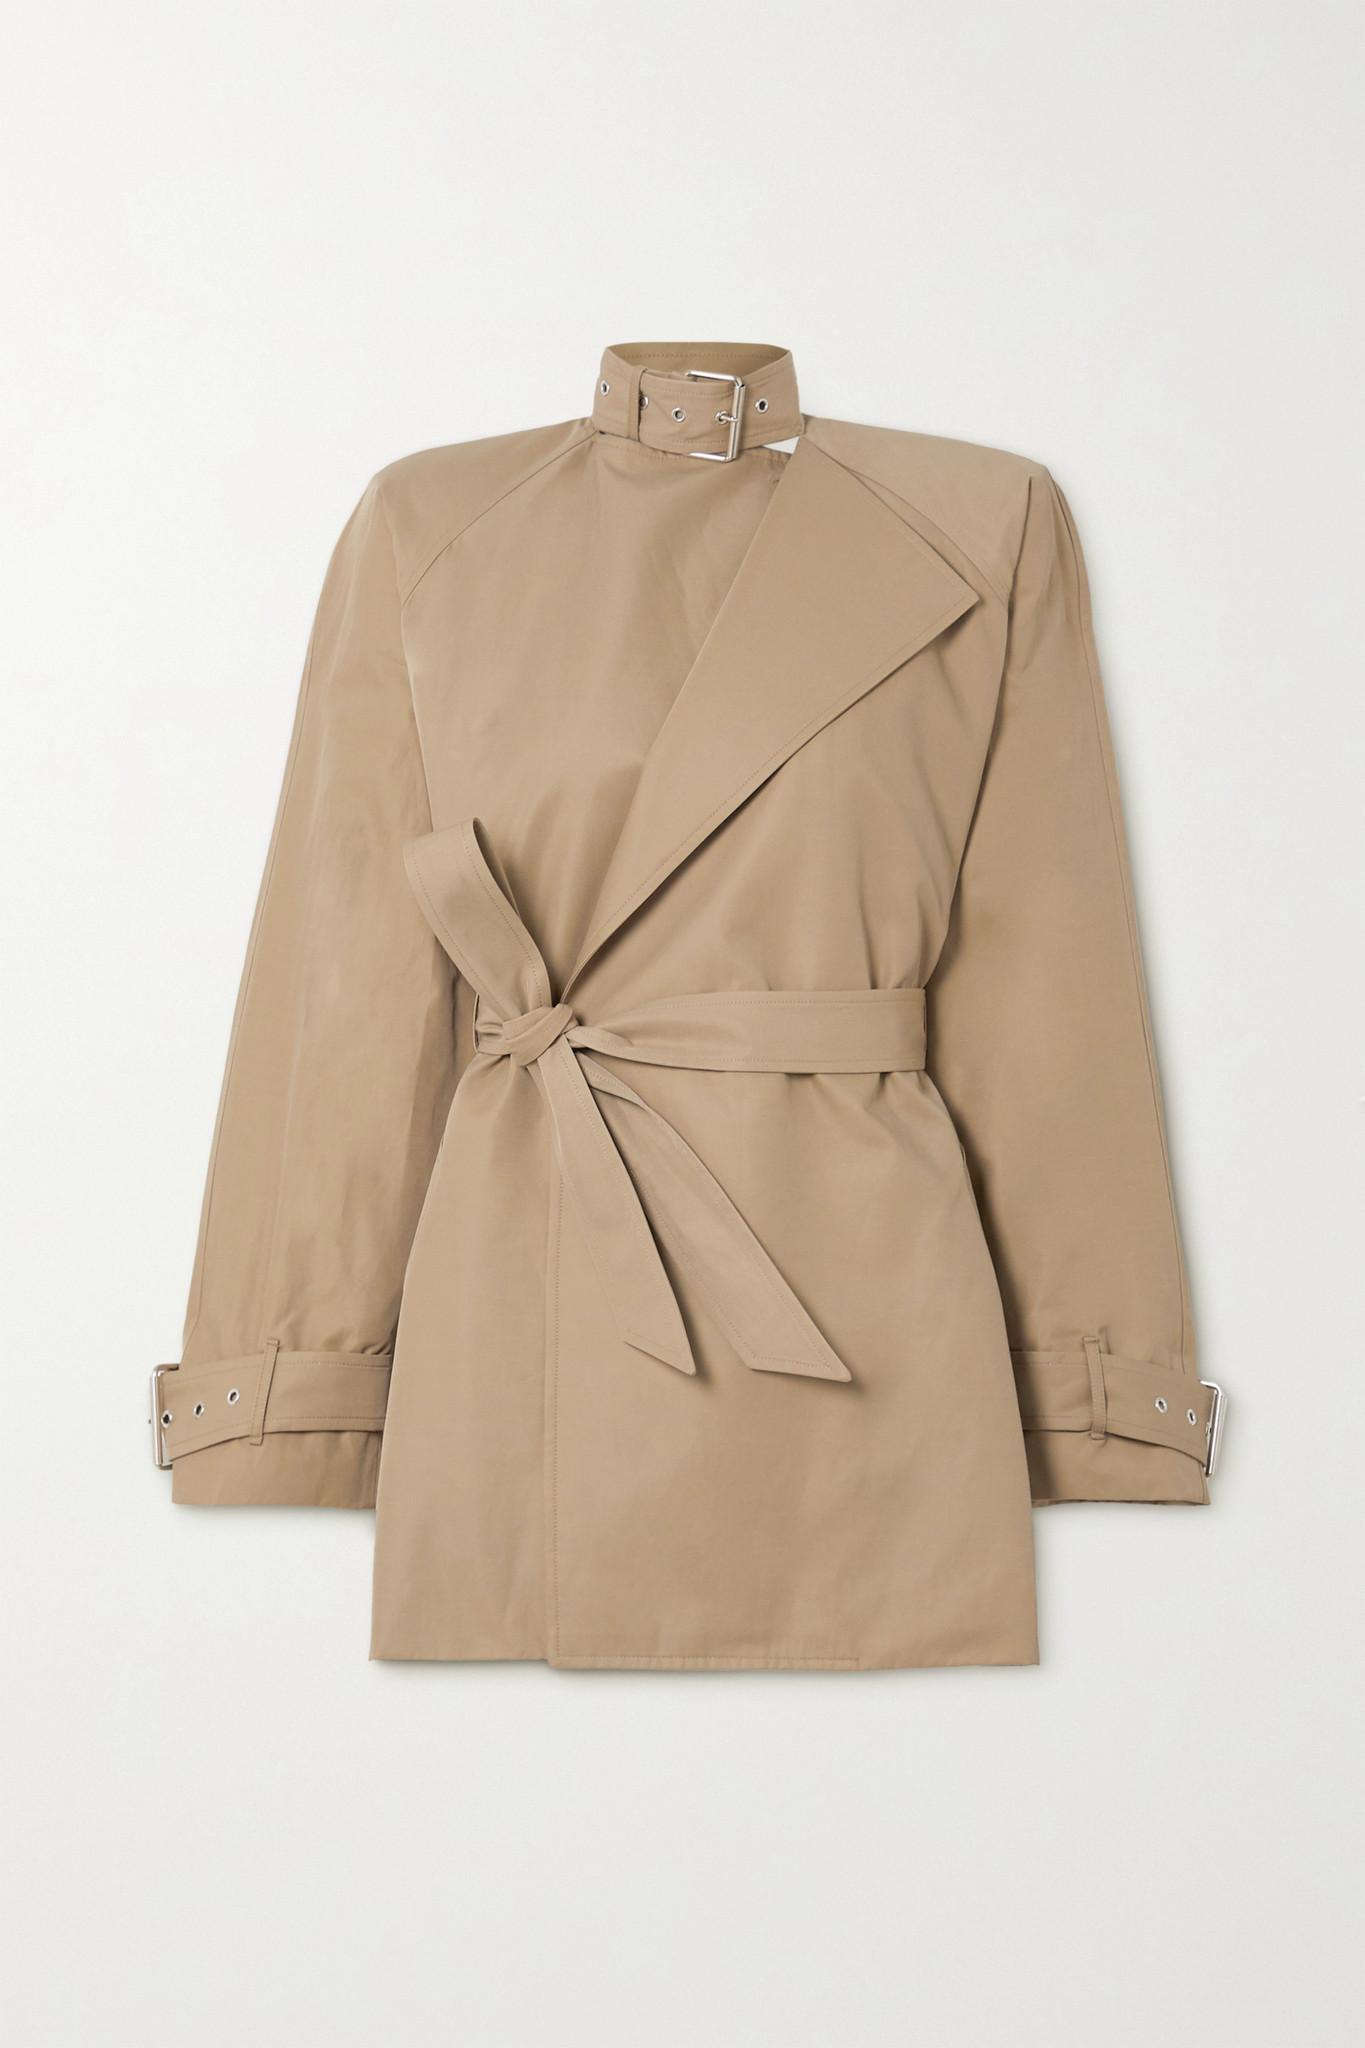 BALENCIAGA - 配腰带棉质混纺斜纹布外套 - 中性色 - FR38